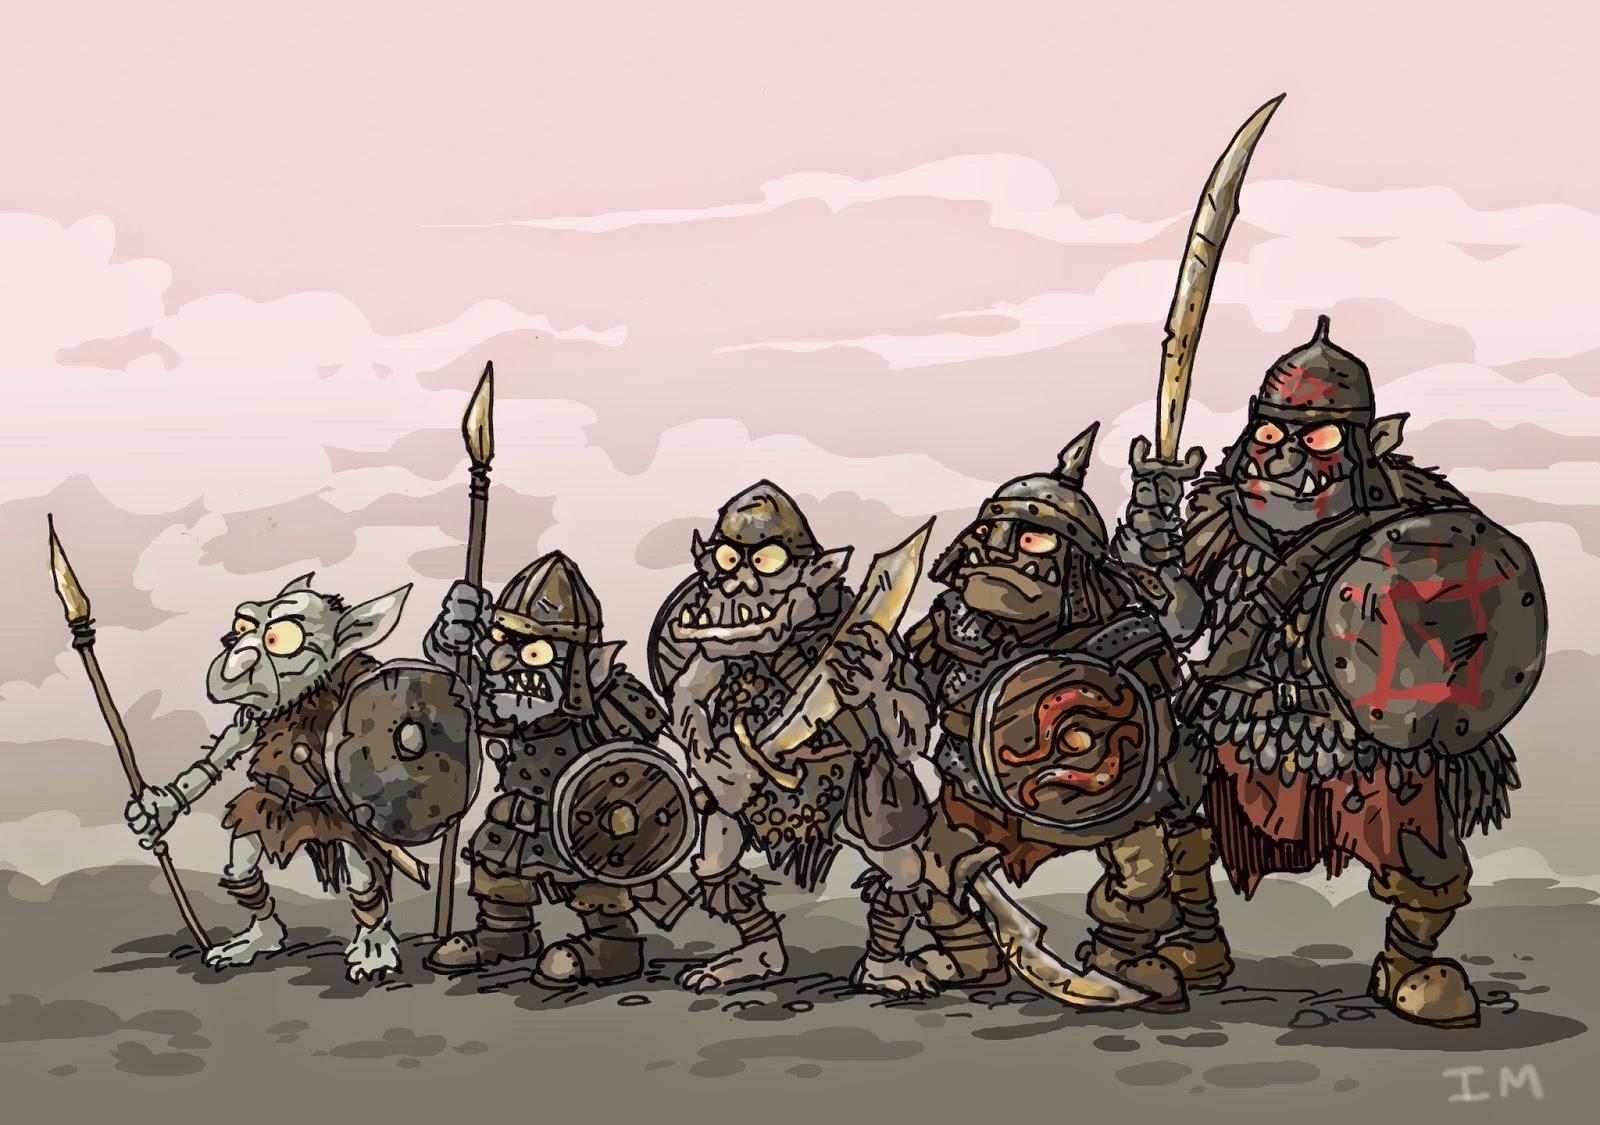 свободолюбивый народ орков подвергаемый геноциду